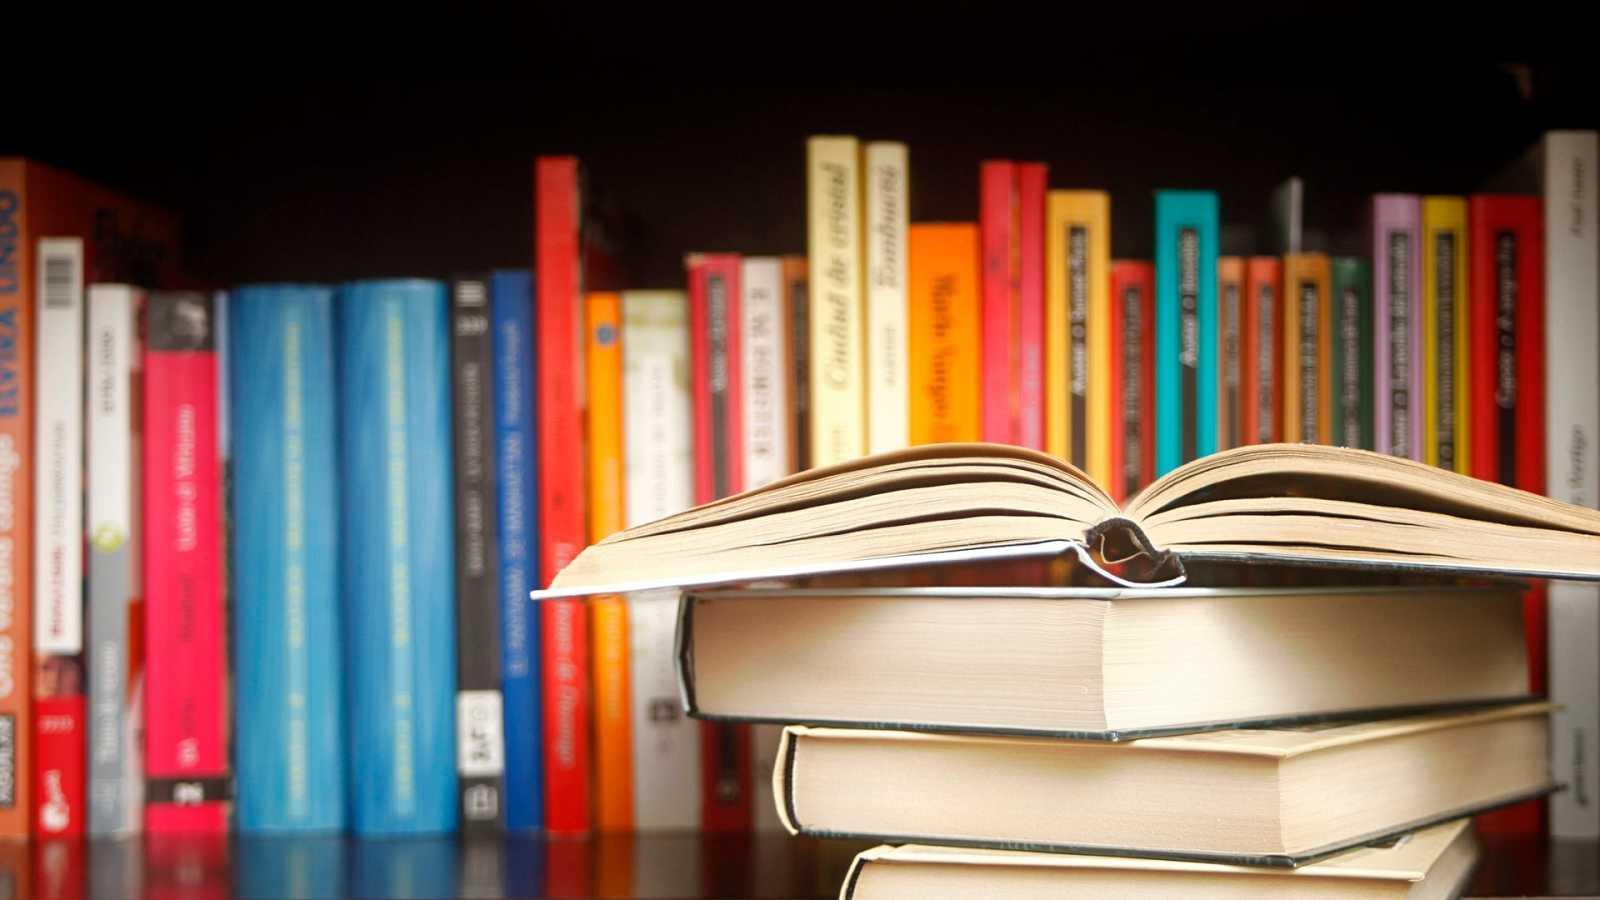 Diez libros para descubrir durante este verano - RTVE.es